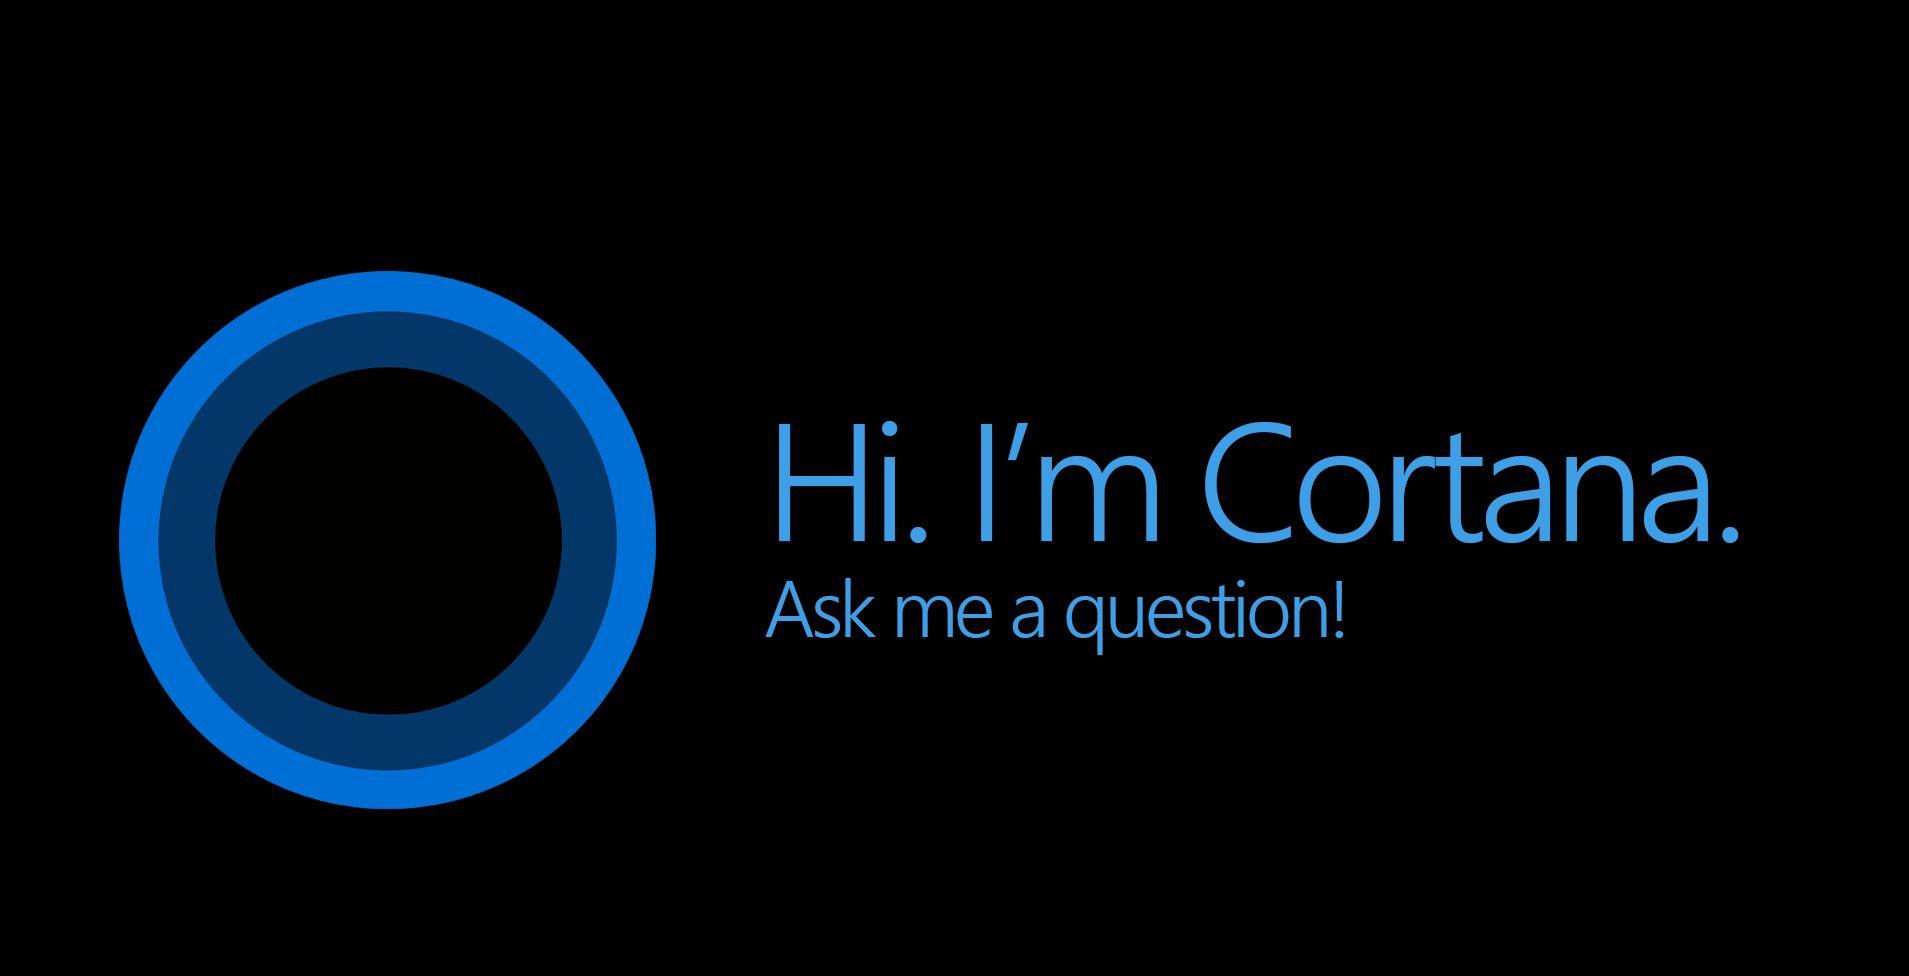 Cosas que puedes hacer con Cortana